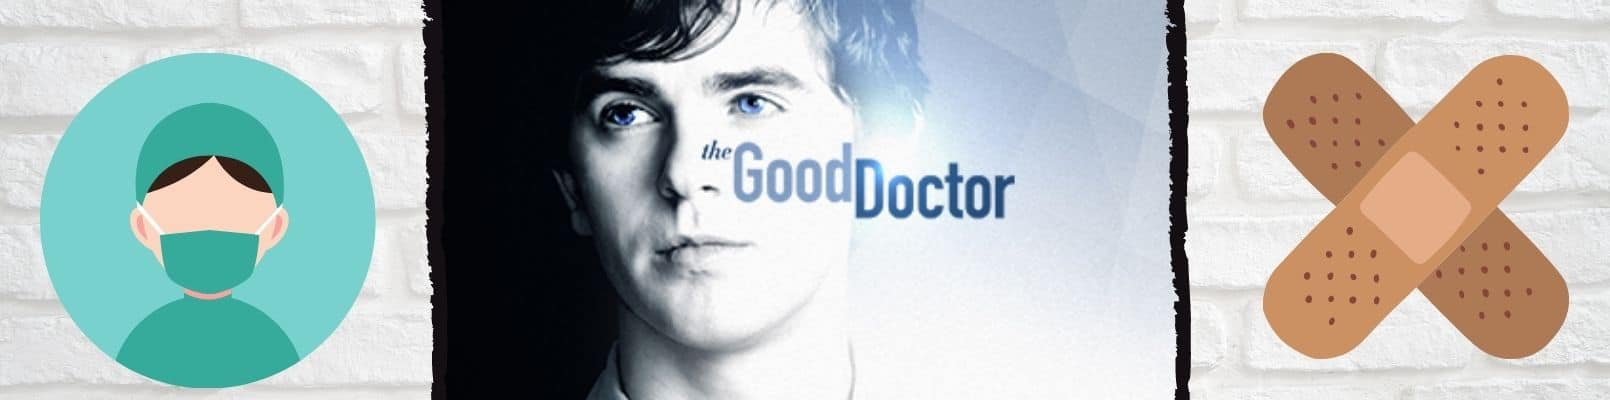 seriale cu medici the good doctor